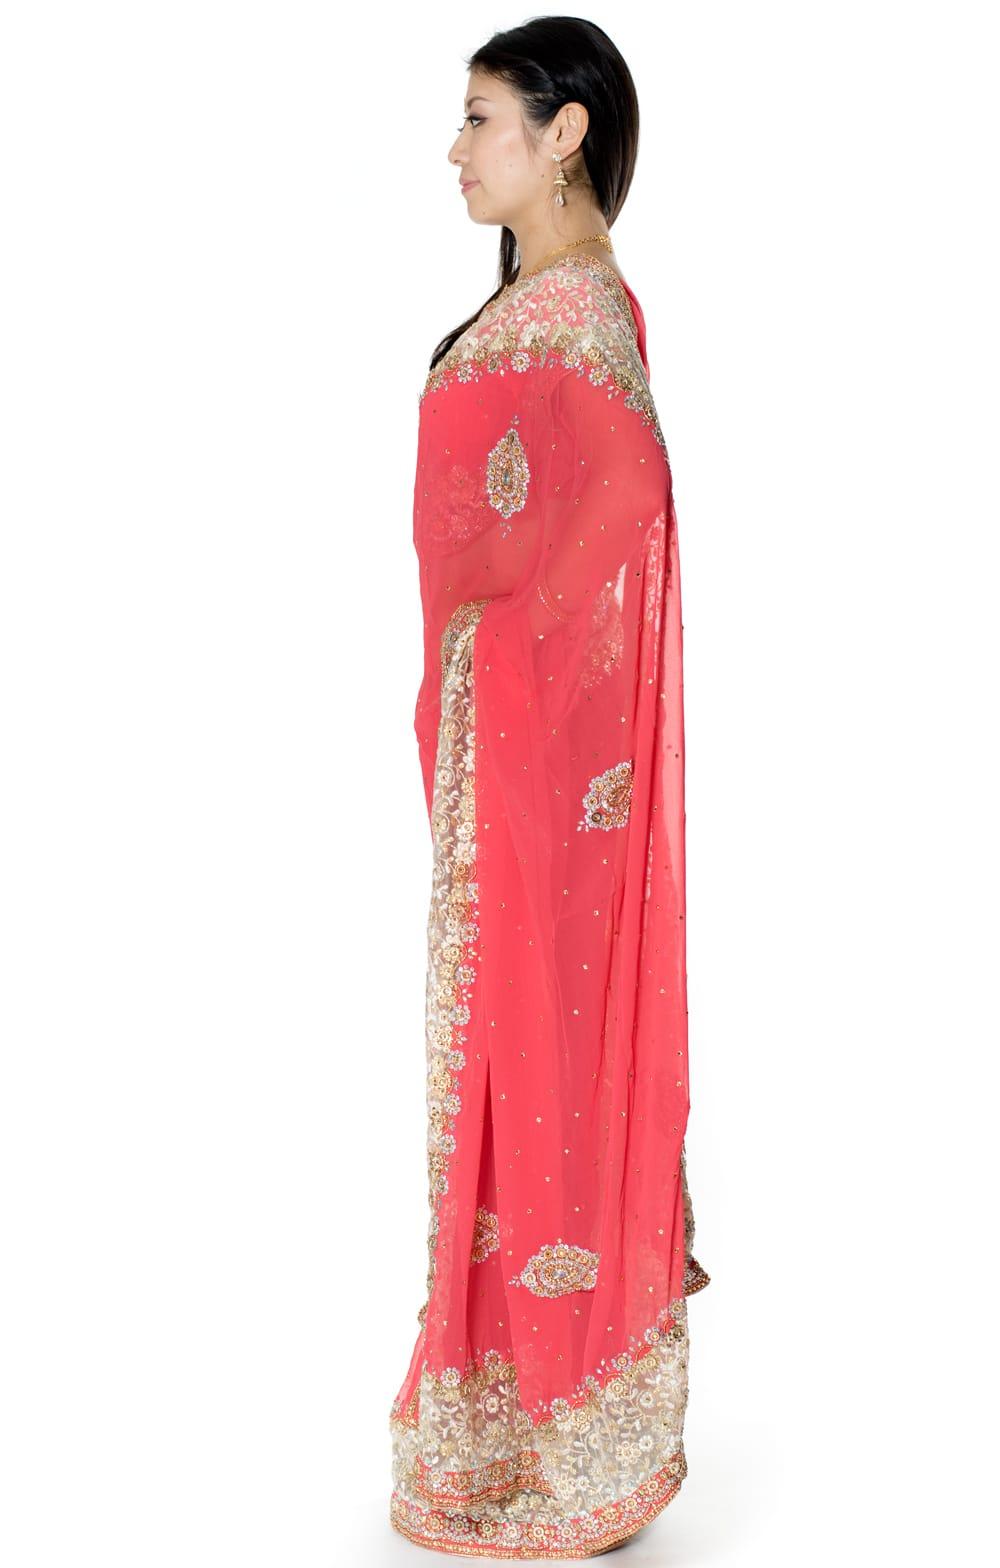 【一点物】刺繍とビジューの婚礼用ゴージャス ジョーゼットサリー【チョリ付き】 - ピンク 2 - 横からの写真です